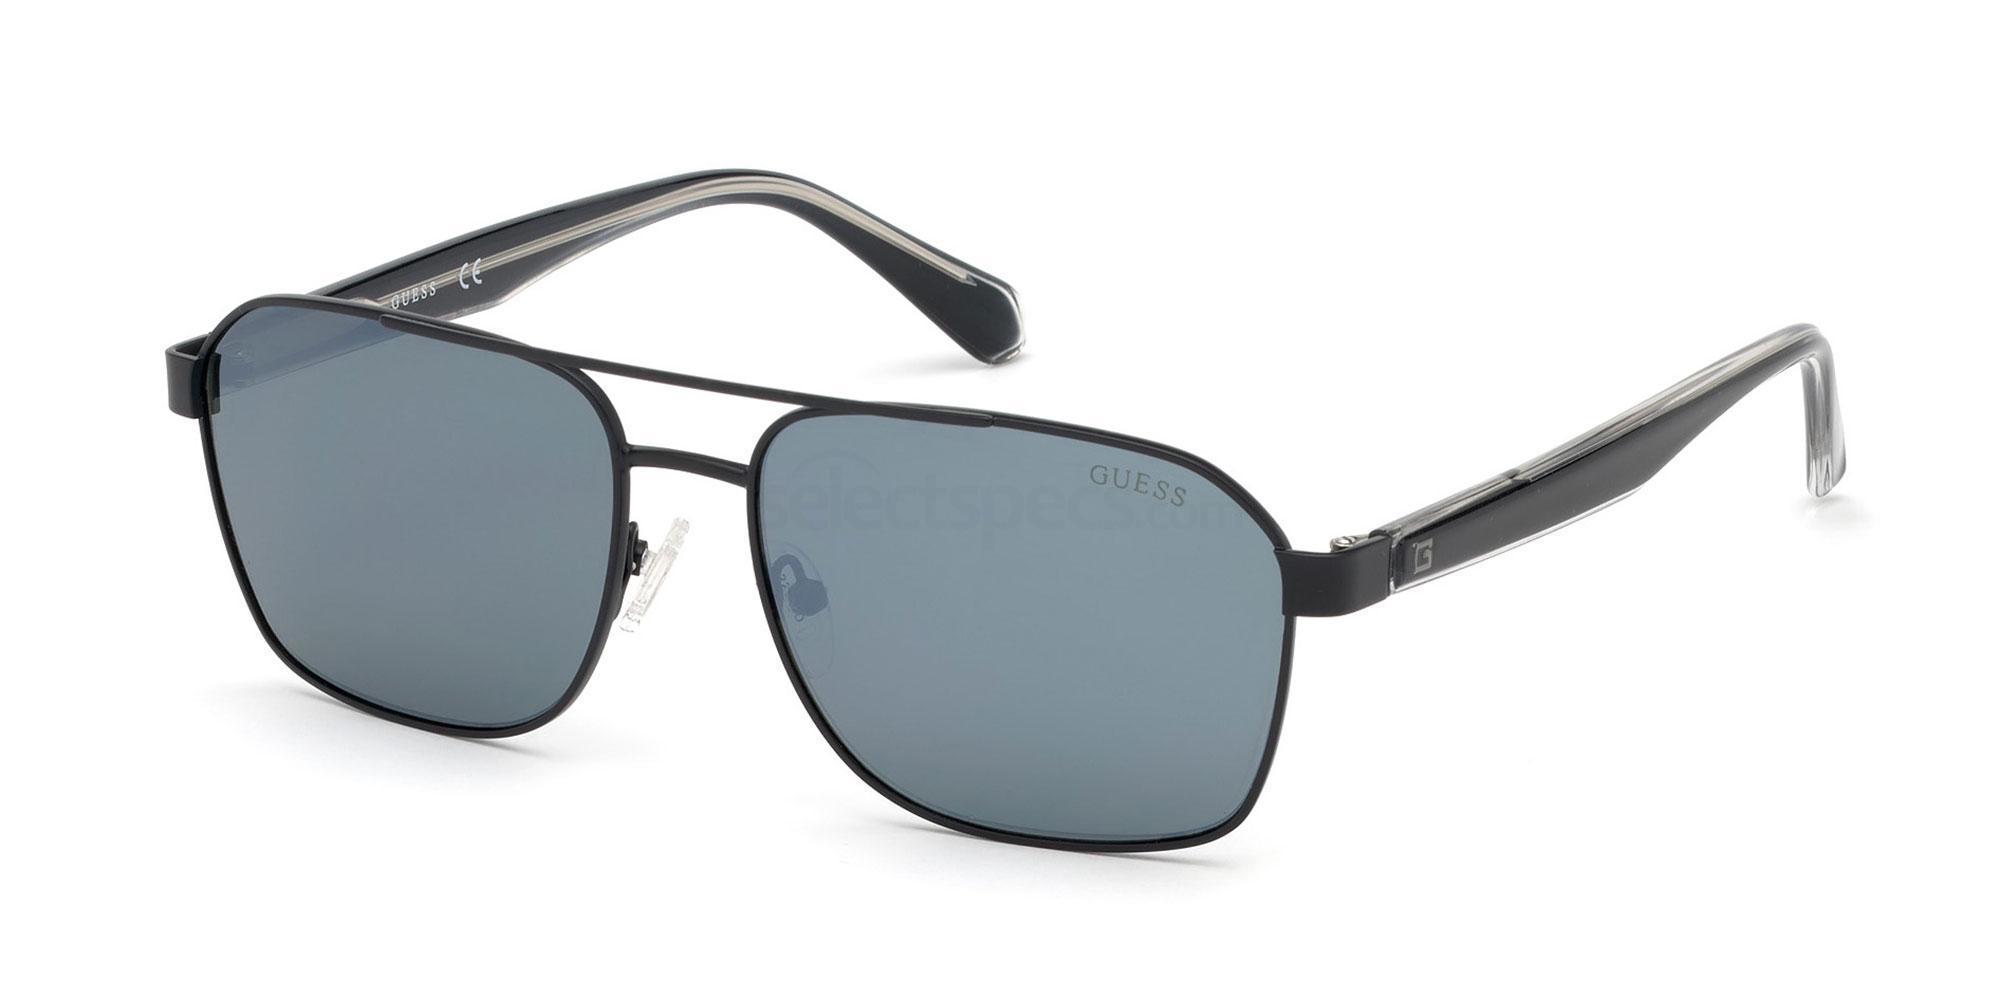 02C GU6936 Sunglasses, Guess